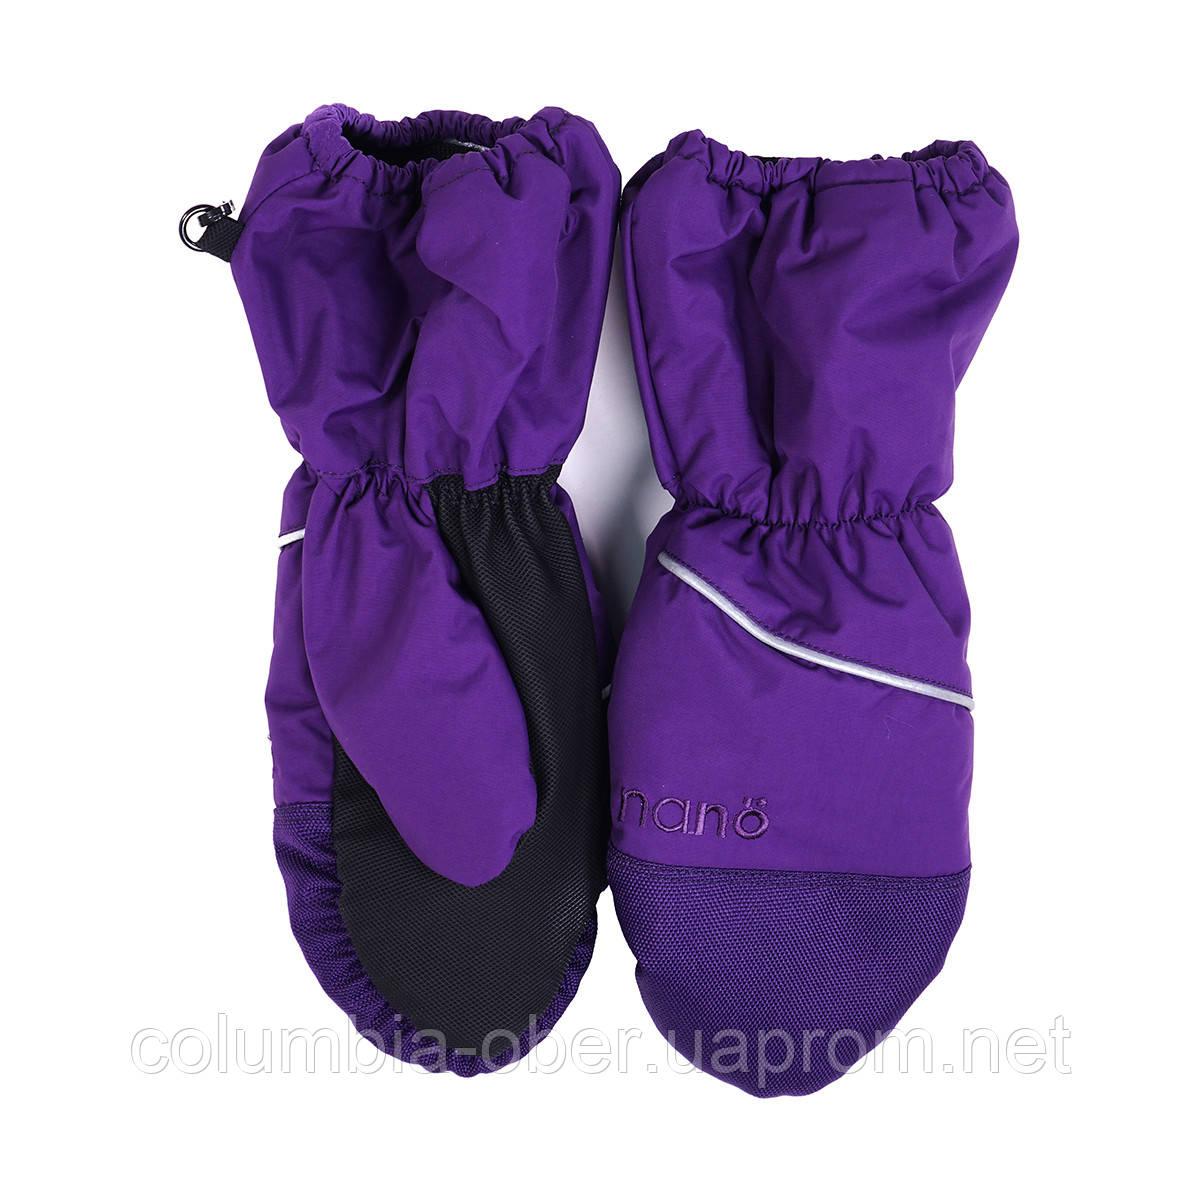 Рукавицы - краги для девочки Nano 201 MIT F16 Purple Magic. Размер 2/3Х -12/14.